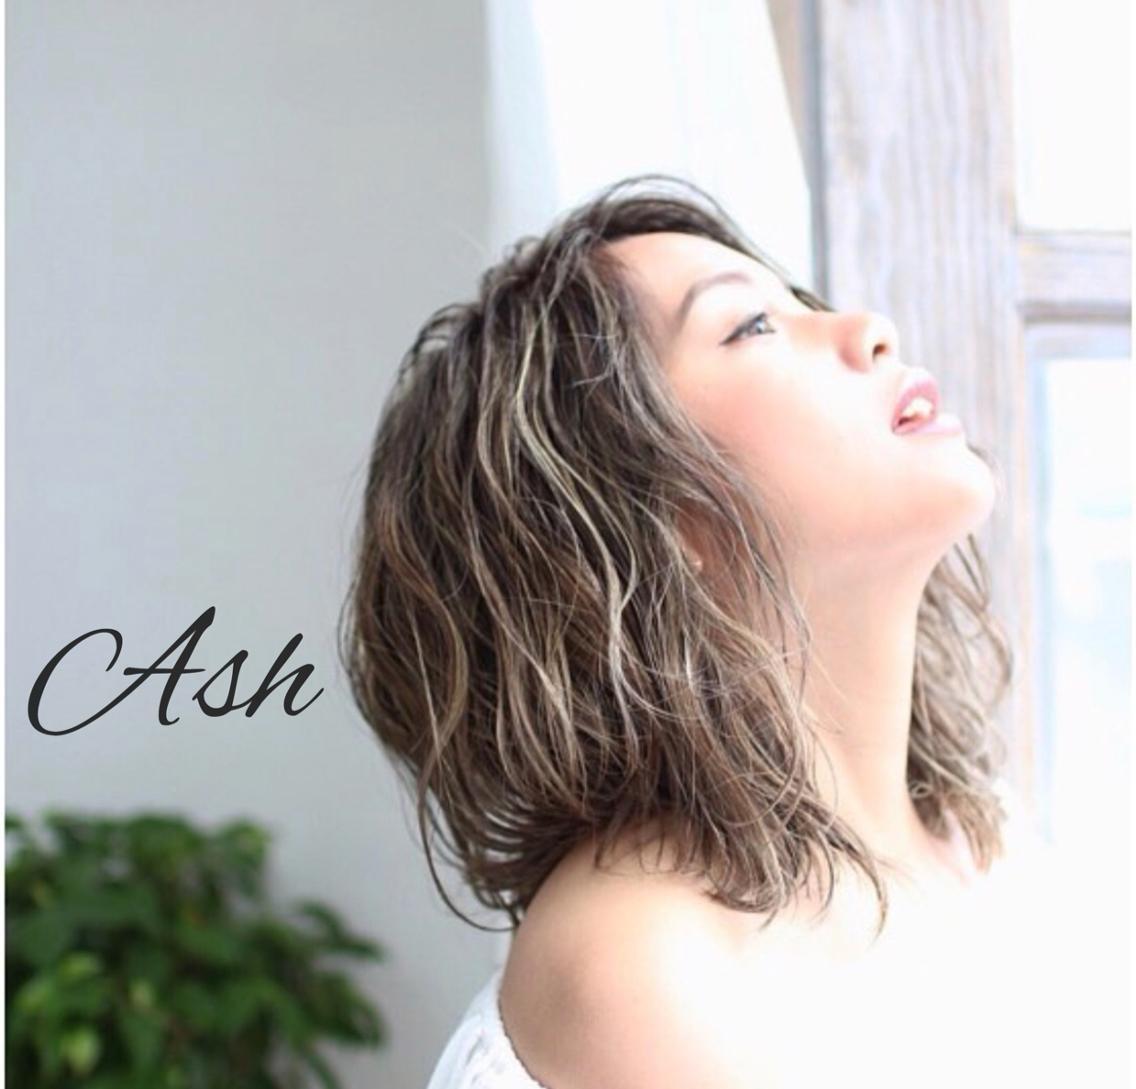 Ash二子玉川レデースもメンズの方も急募!カラー、パーマ、カットモデル募集!ぜひかわいいスタイル作りを手伝わせてください!